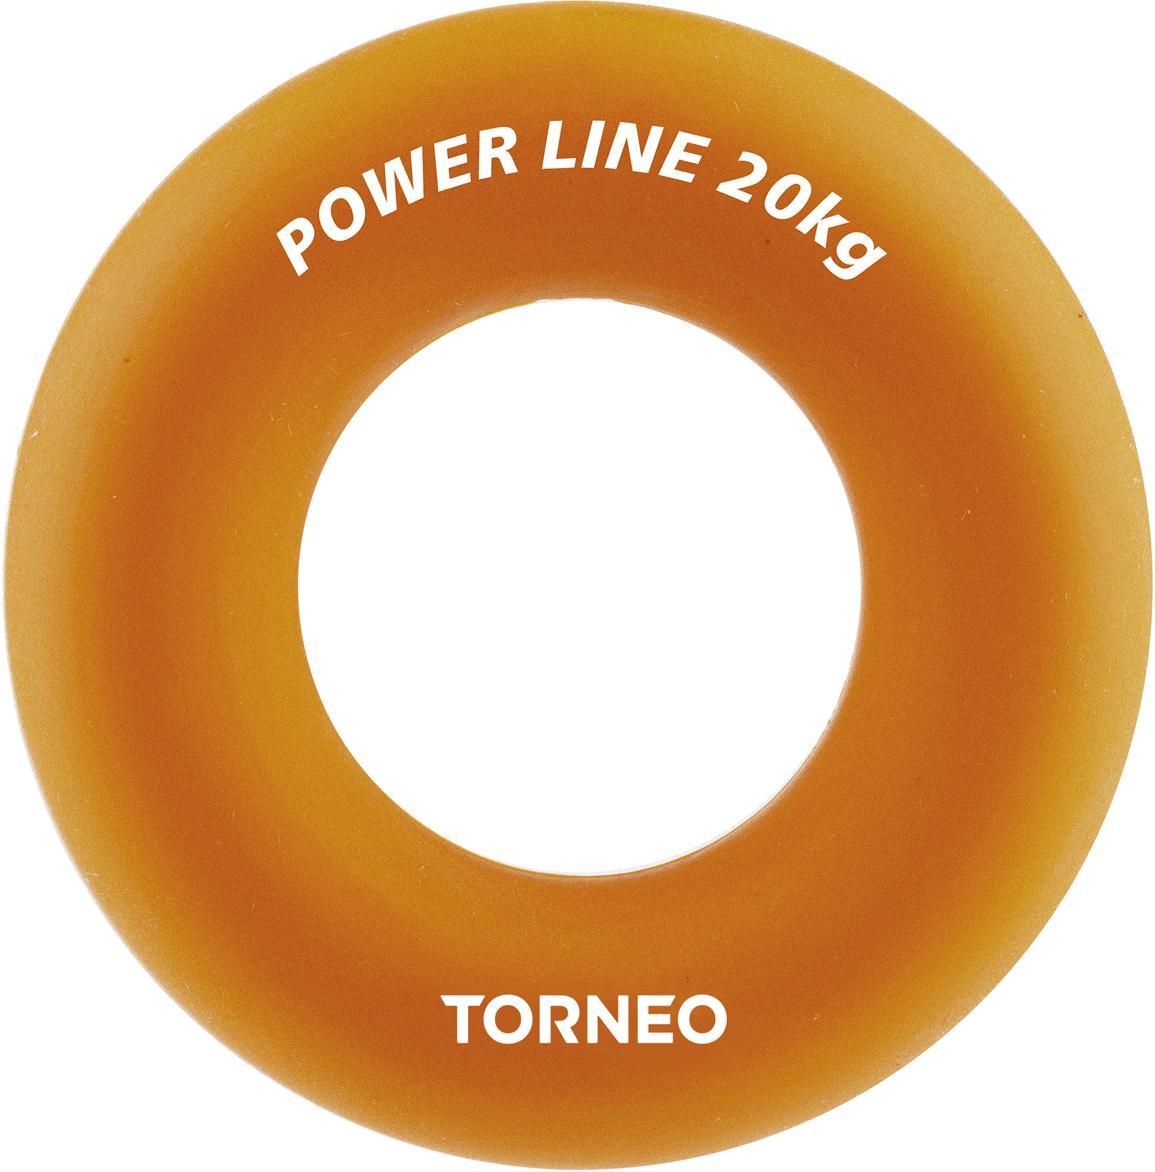 Эспандер кистевой Torneo, диаметр 8,8 см, сопротивление 20 кг, цвет: оранжевый блин хромированный с резиновой вставкой 30 5 мм 20 кг torneo 1022 200x